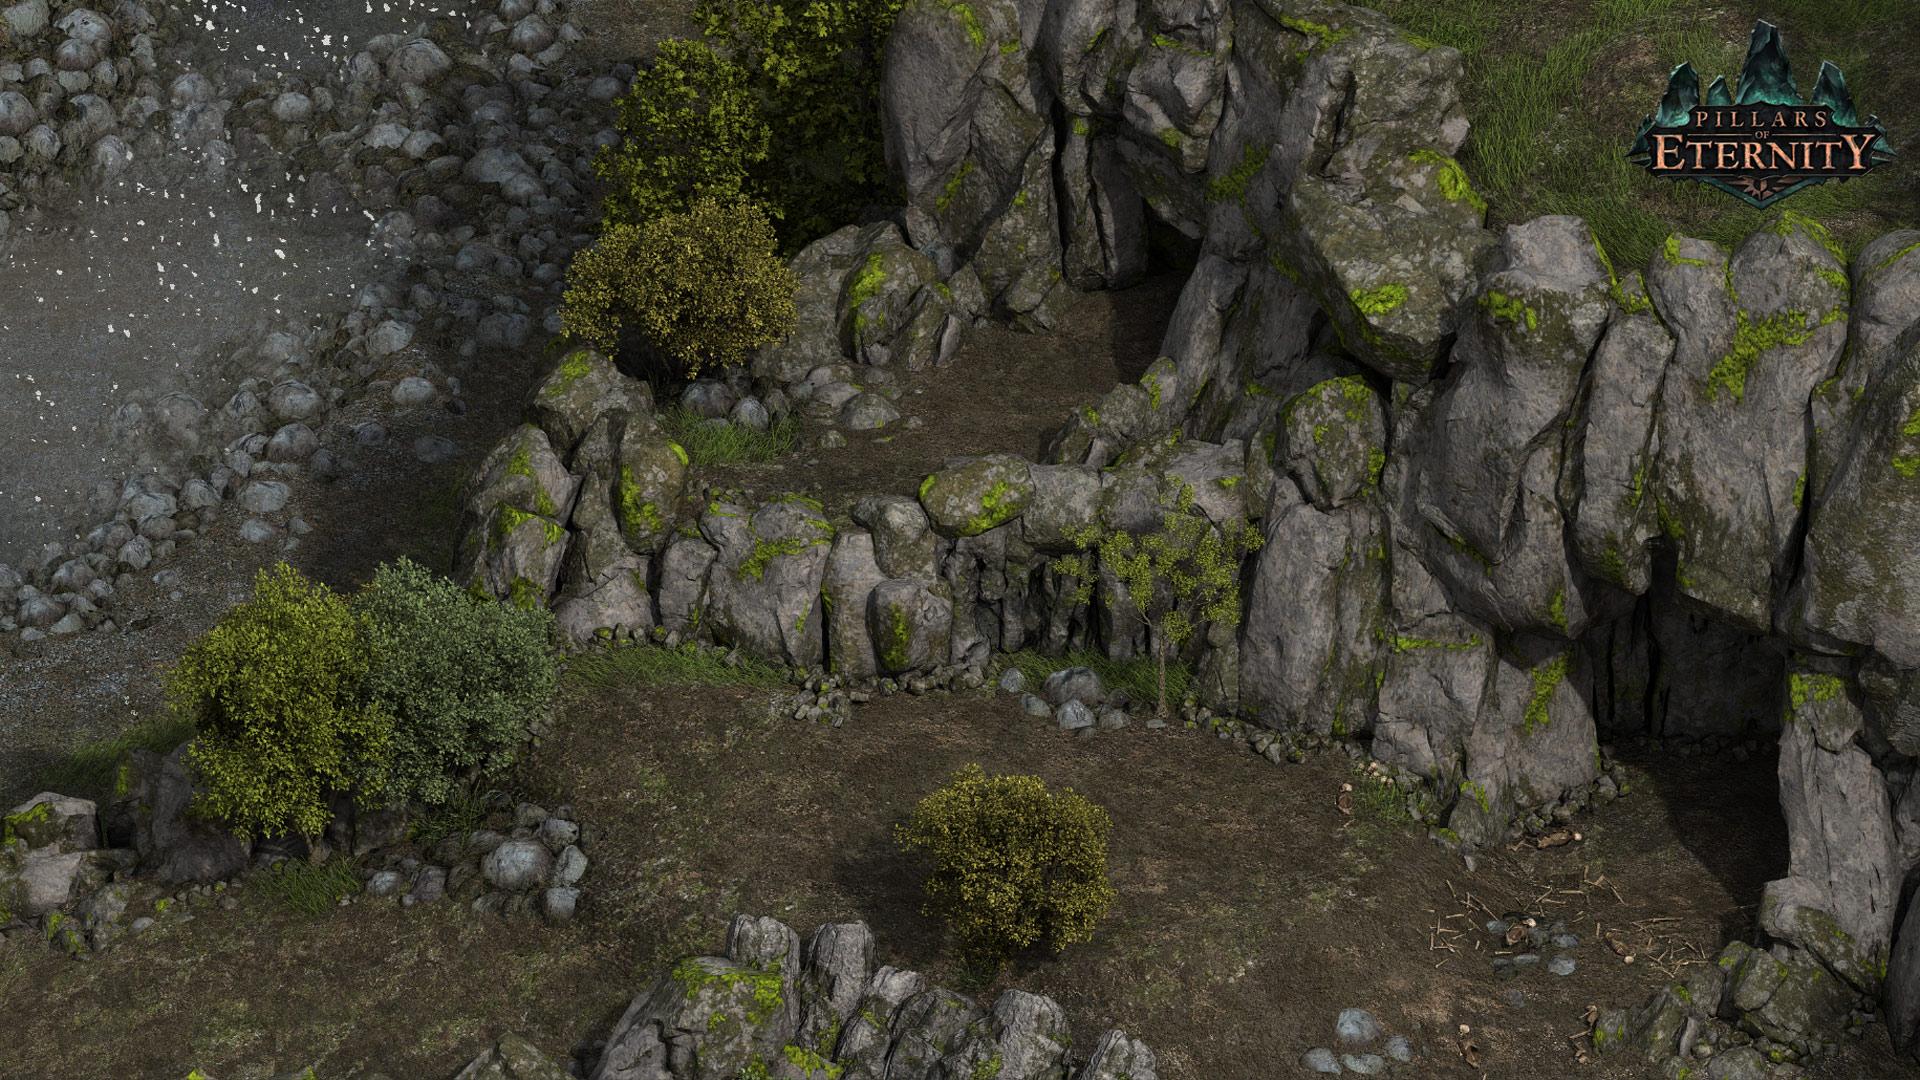 pe-screenshot-008-1920x1080.jpg